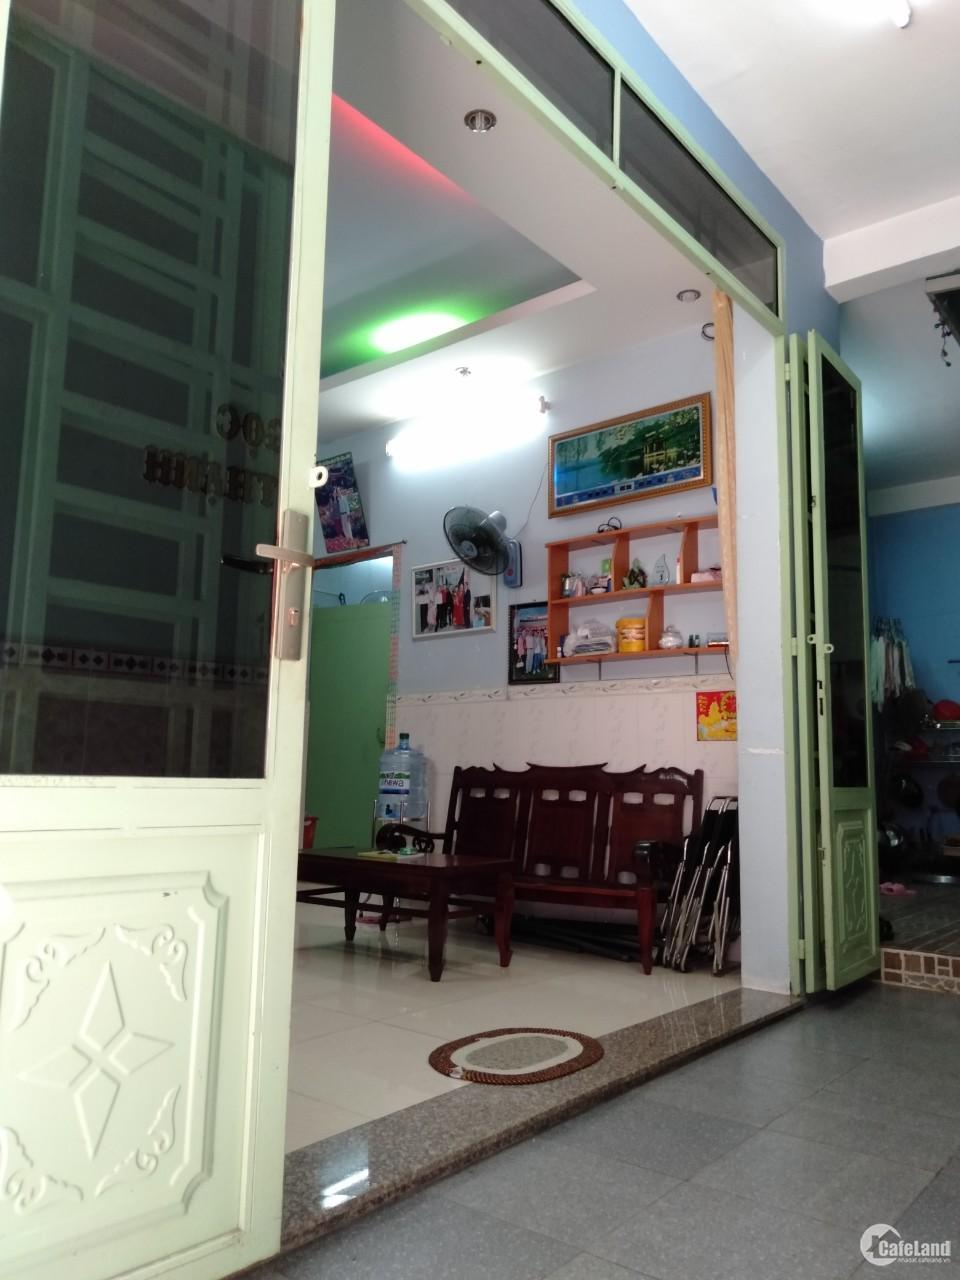 Bán nhà 1 trệt 1 lầu hẻm đường số 6, P. Tam Phú, Q. Thủ Đức. DT đất 68.7m2